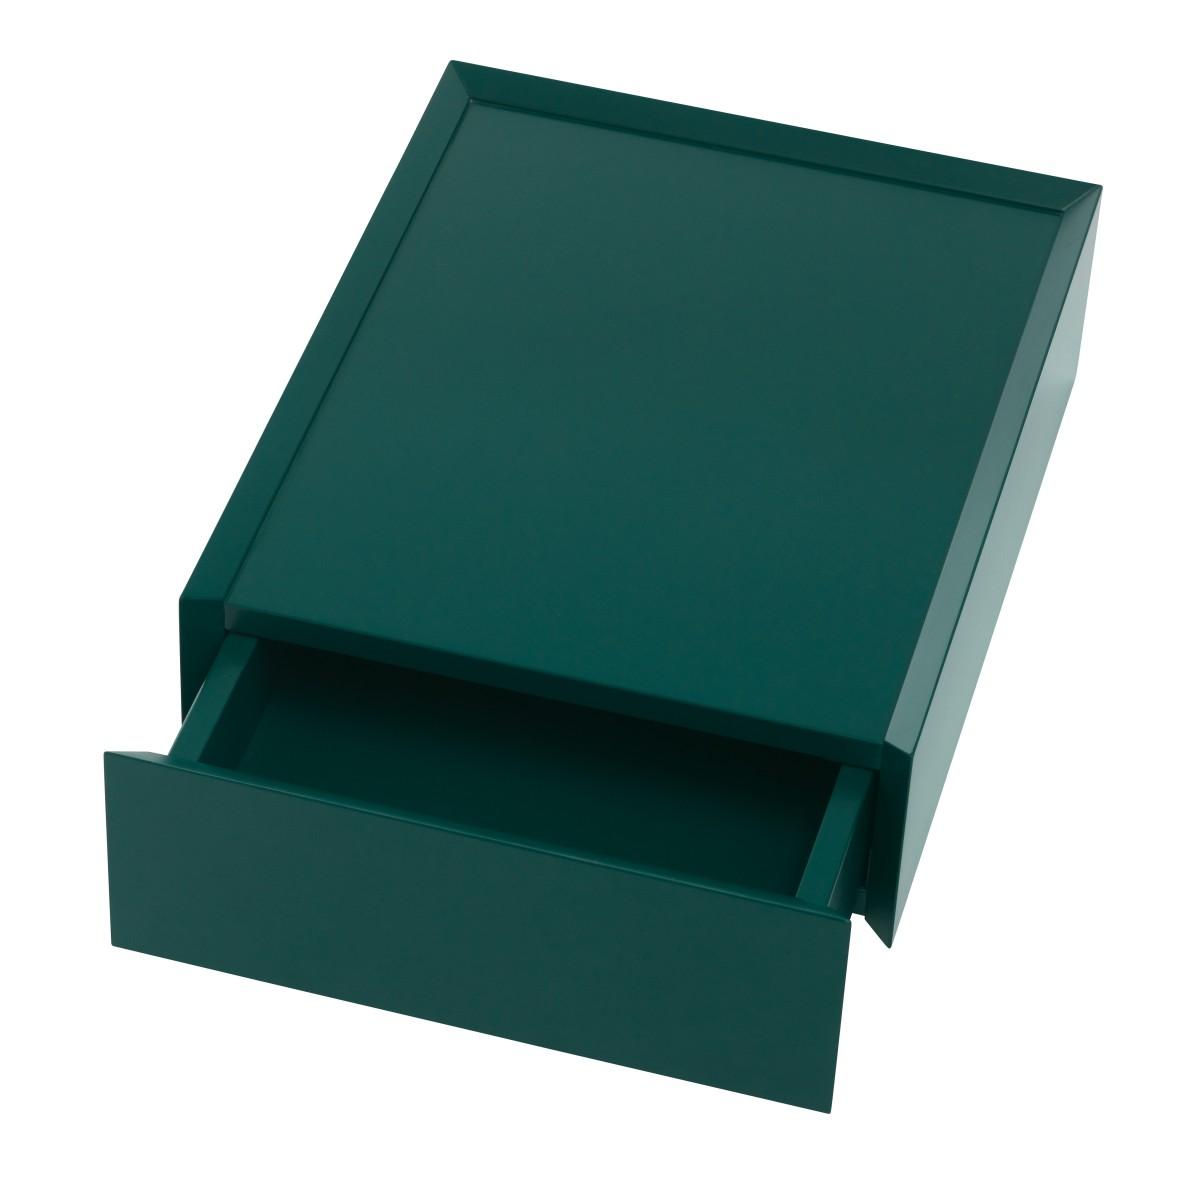 SOUVENIR Schubkastenbox 27 smaragd grün (42)